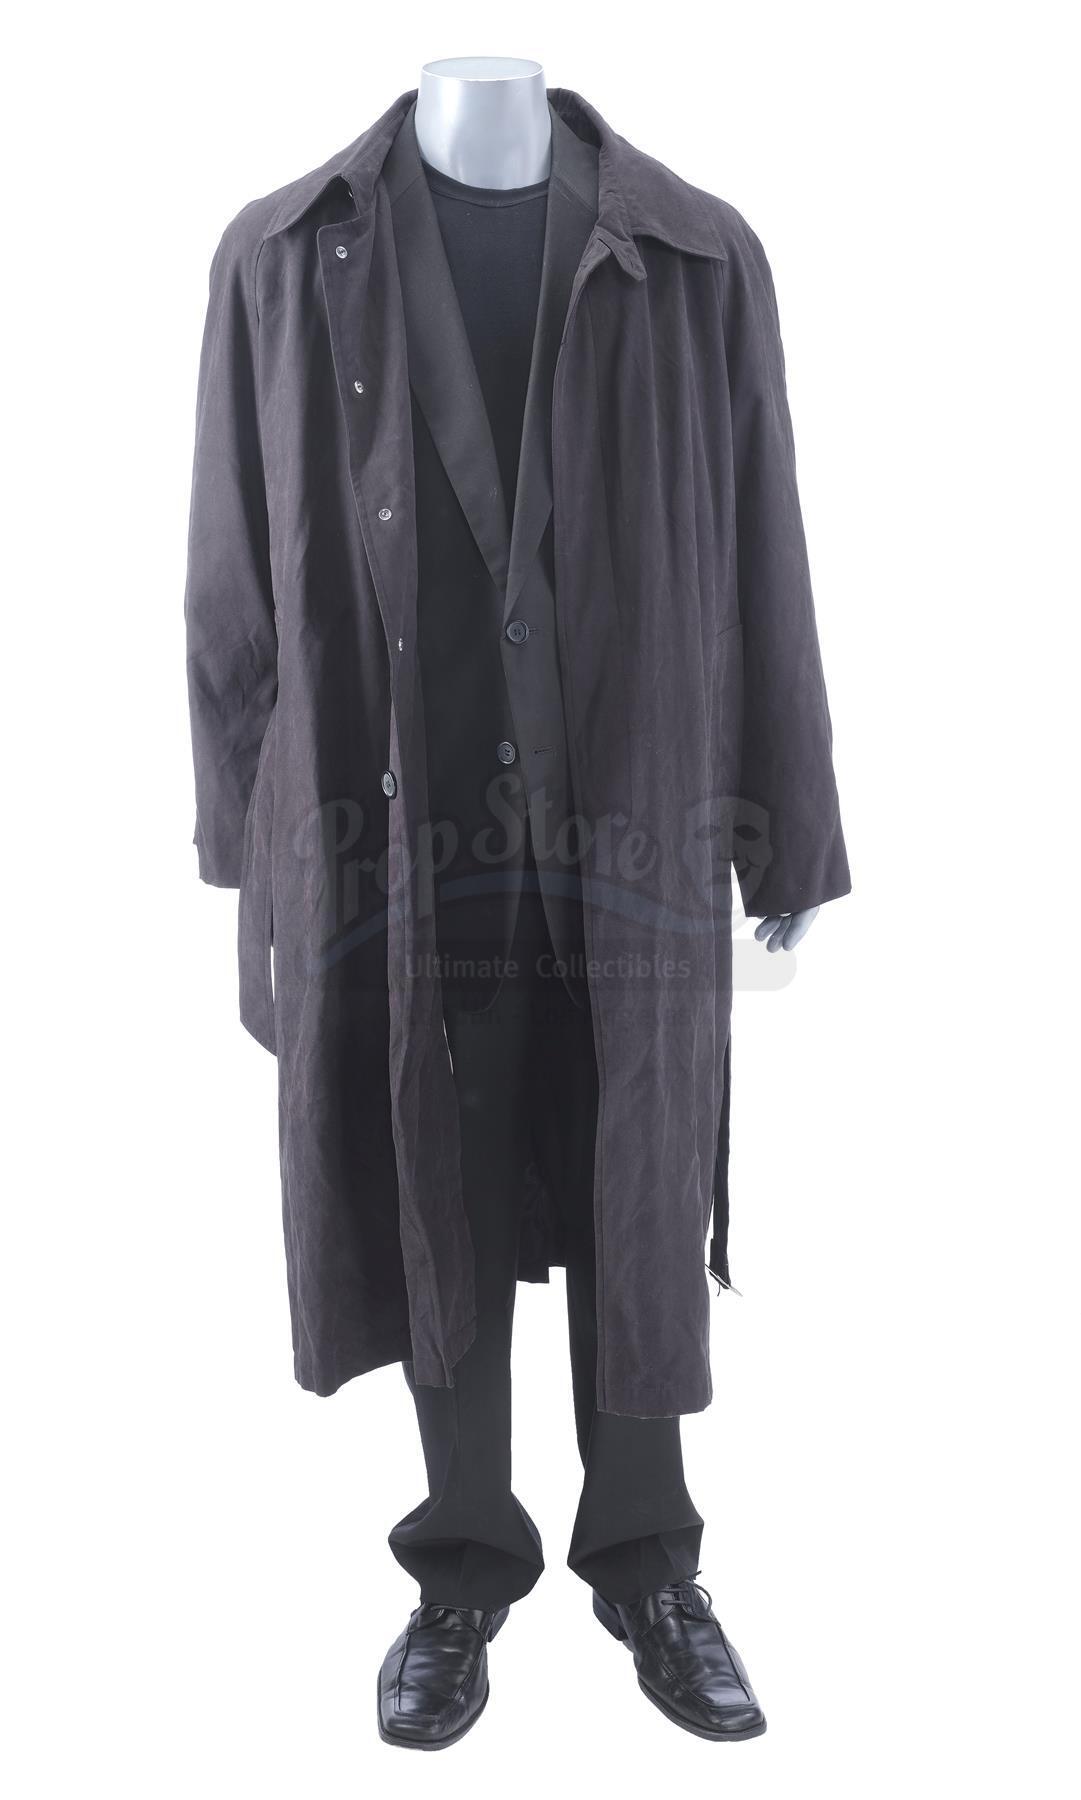 Lot # 1345: WHIPLASH - Fletcher's (J.K. Simmons) Trench Coat Costume